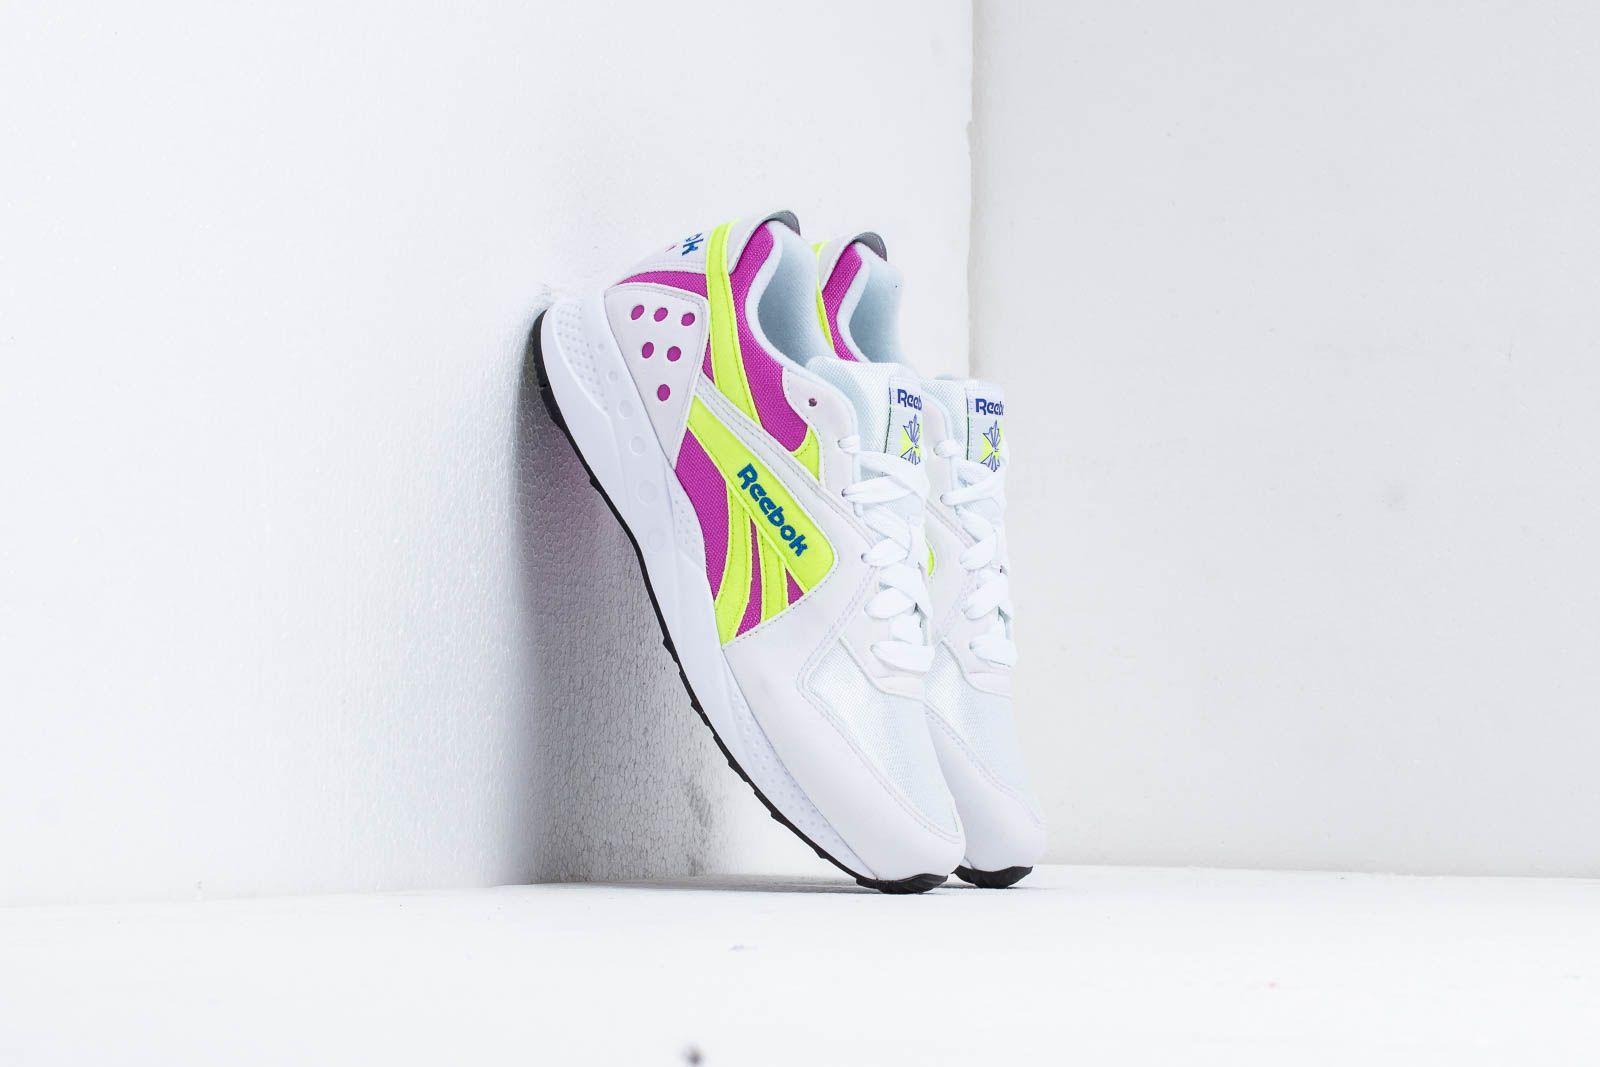 Reebok Pyro White/ Violet/ Neon/ Cobalt za skvělou cenu 2 340 Kč koupíte na Footshop.cz